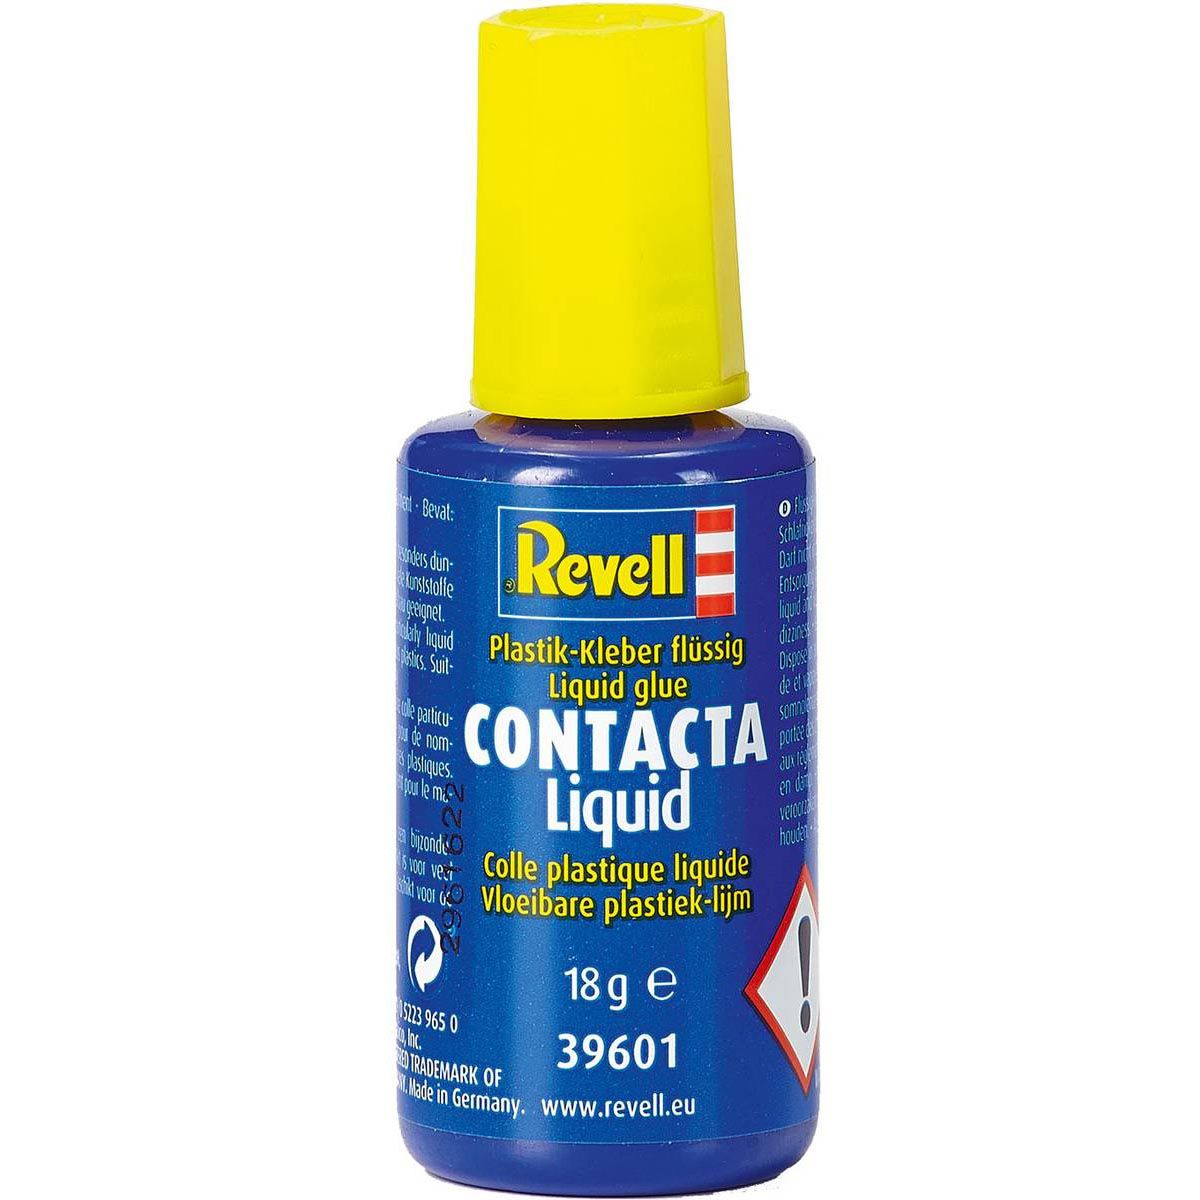 Cola Contacta Liquid - 18 g - Revell 39601  - BLIMPS COMÉRCIO ELETRÔNICO